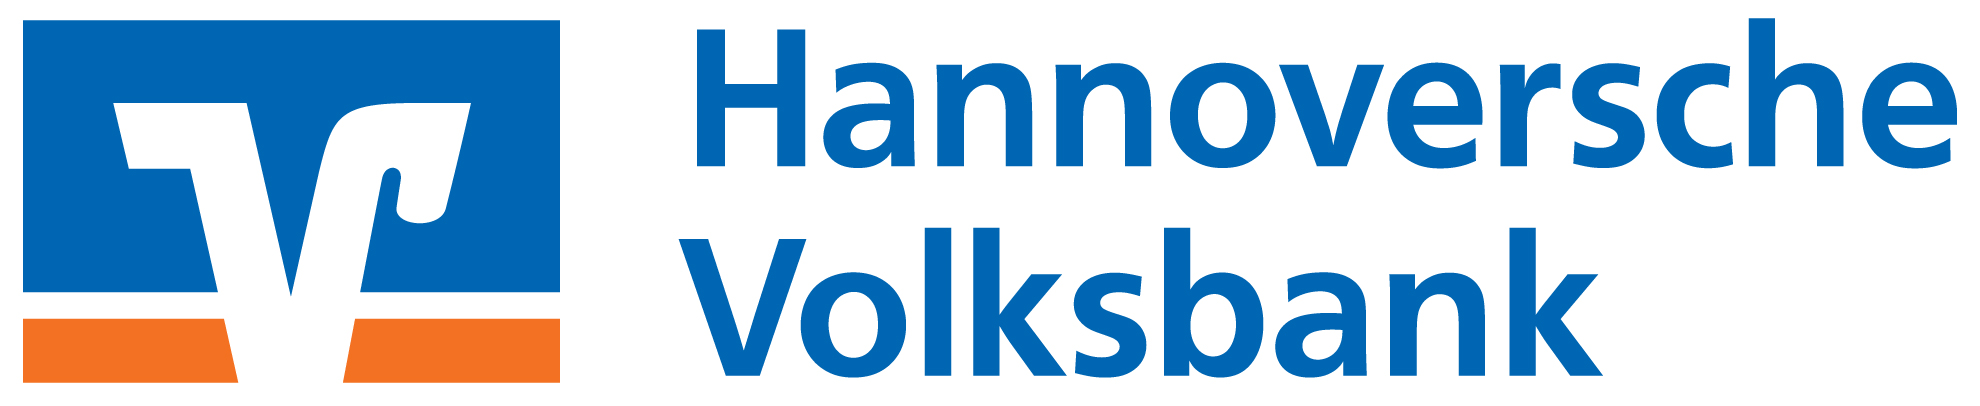 Hannoversche Volksbank eG KompetenzCenter Neustadt Logo